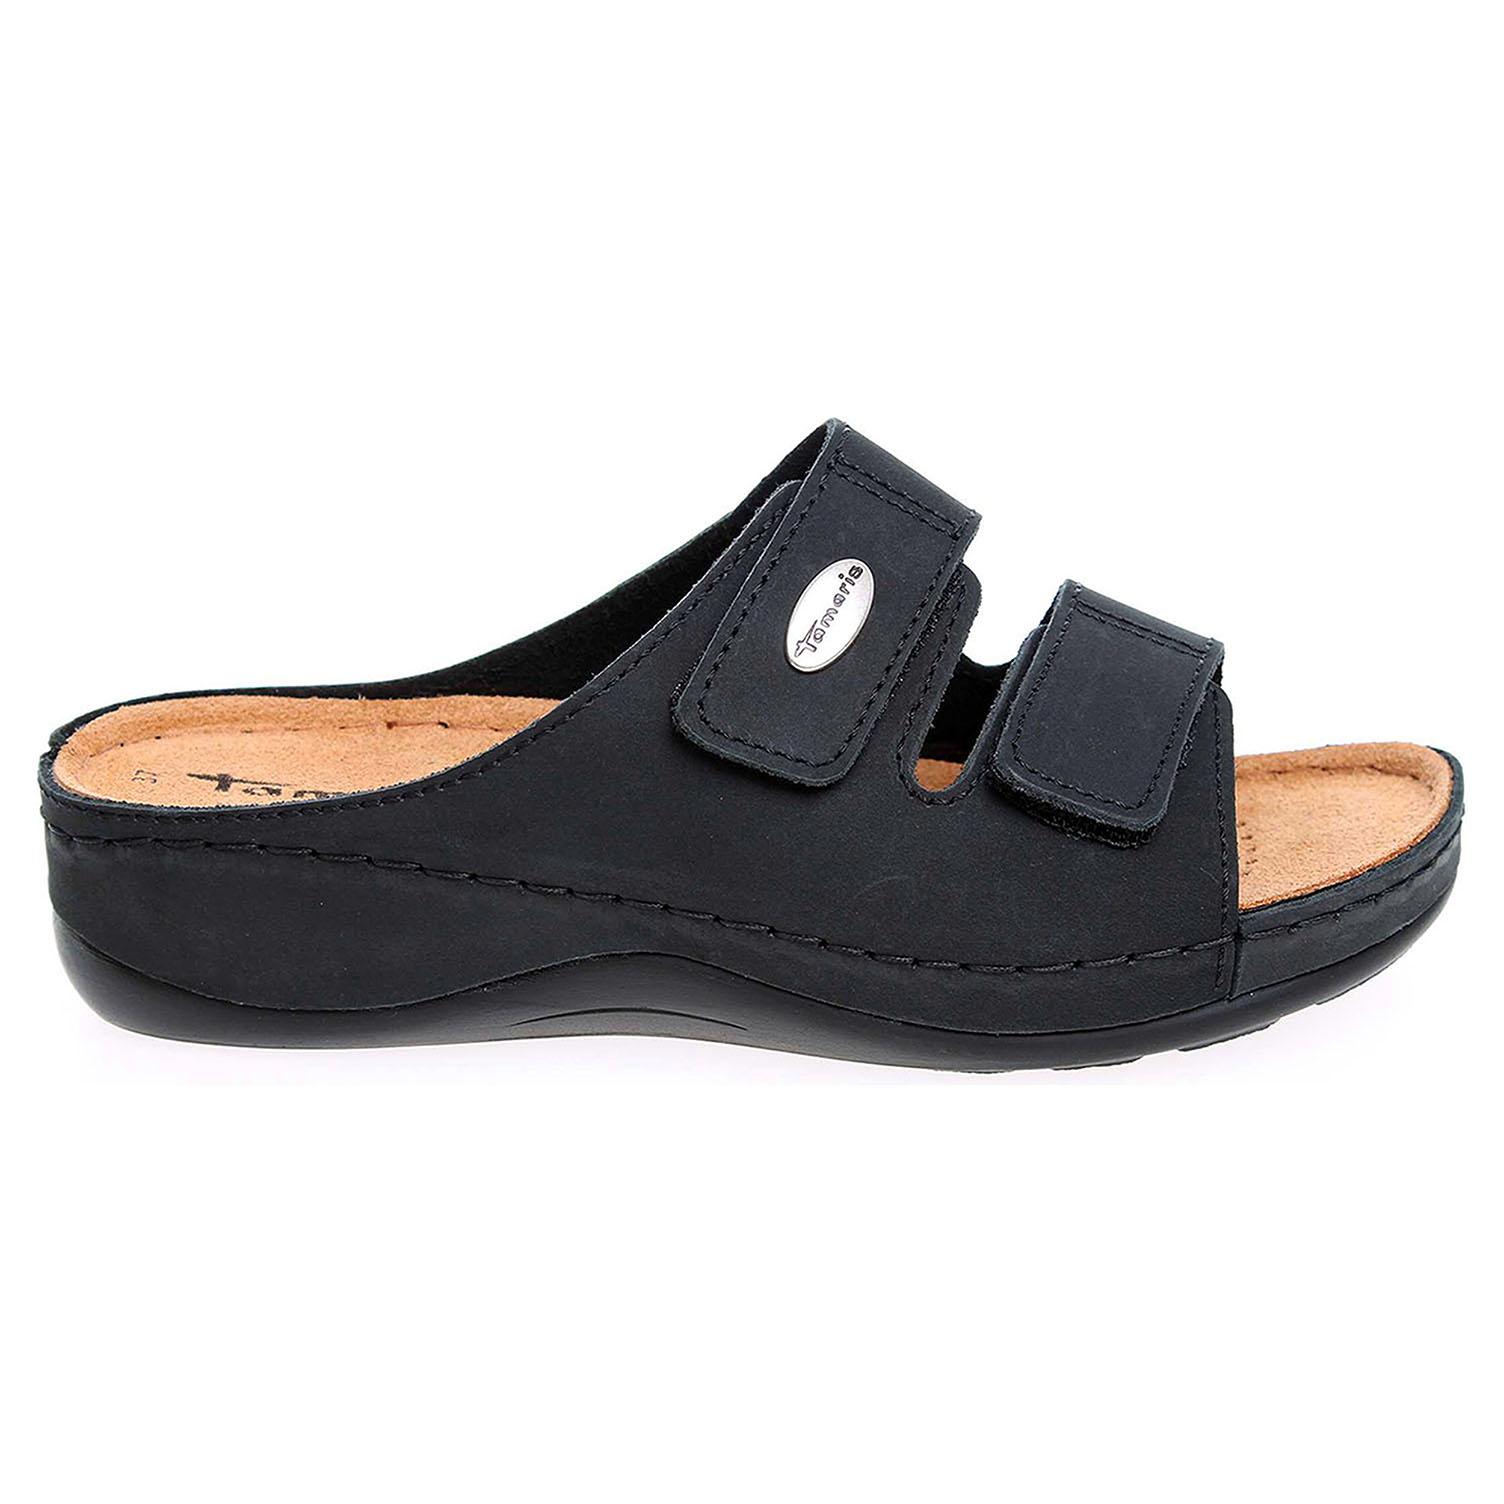 Ecco Tamaris dámské pantofle 1-27510-28 černé 23400180